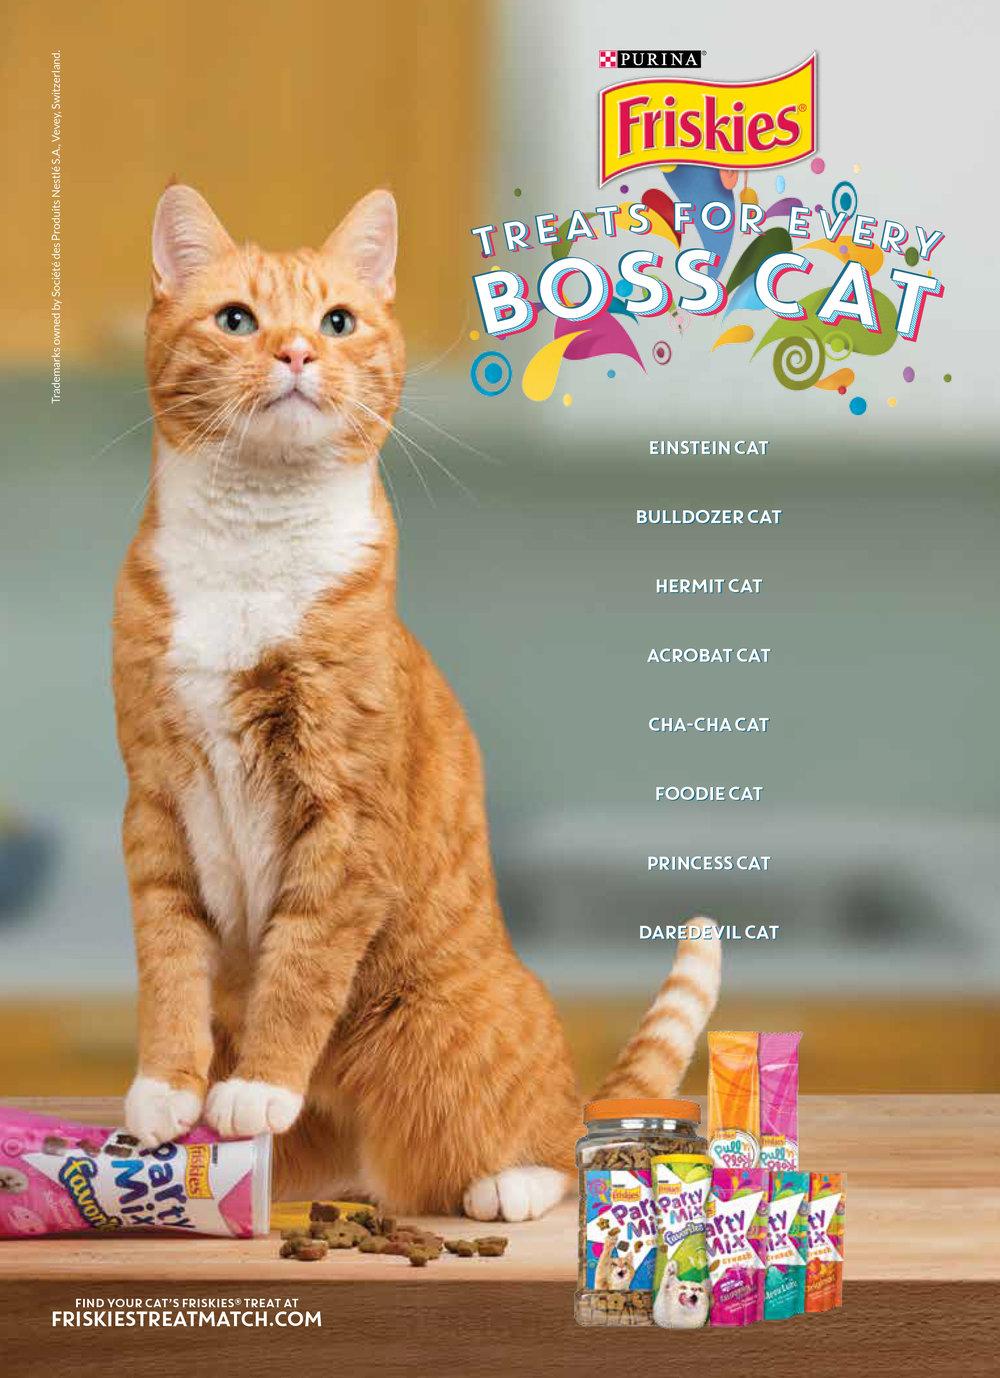 BossCat_Final.jpg